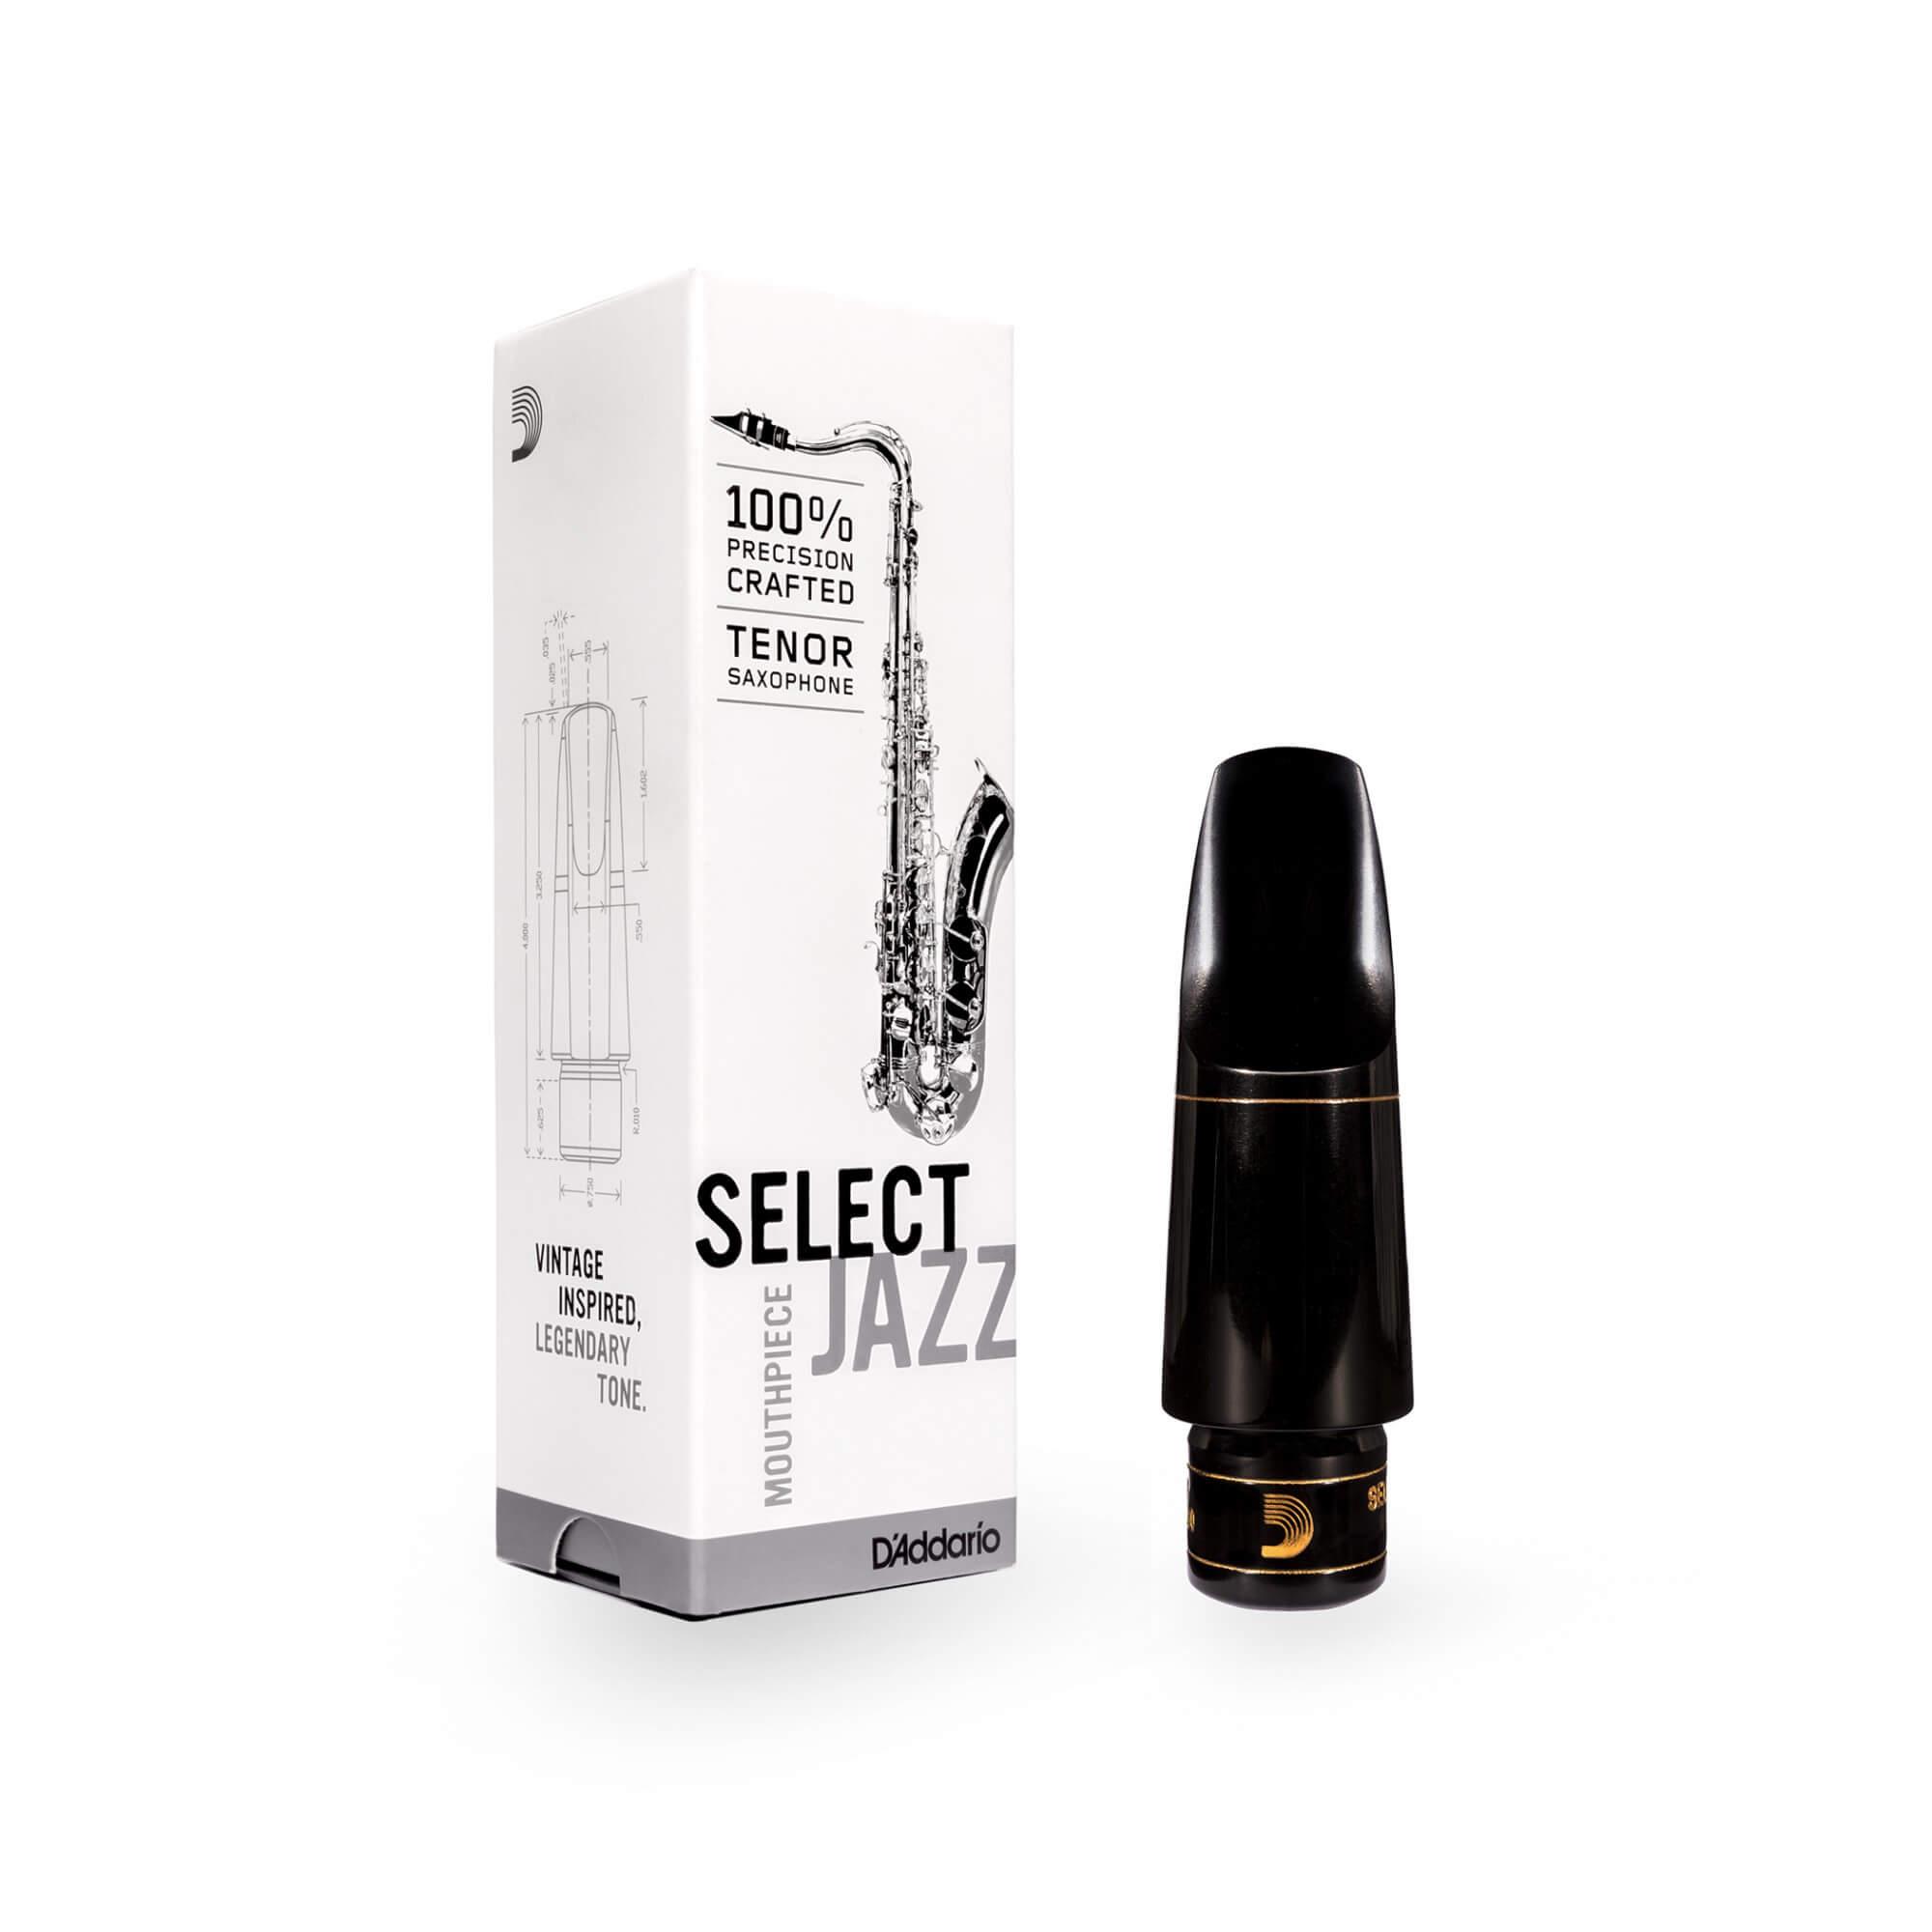 Boquilla Saxofón Tenor D'Addario Select Jazz D7M